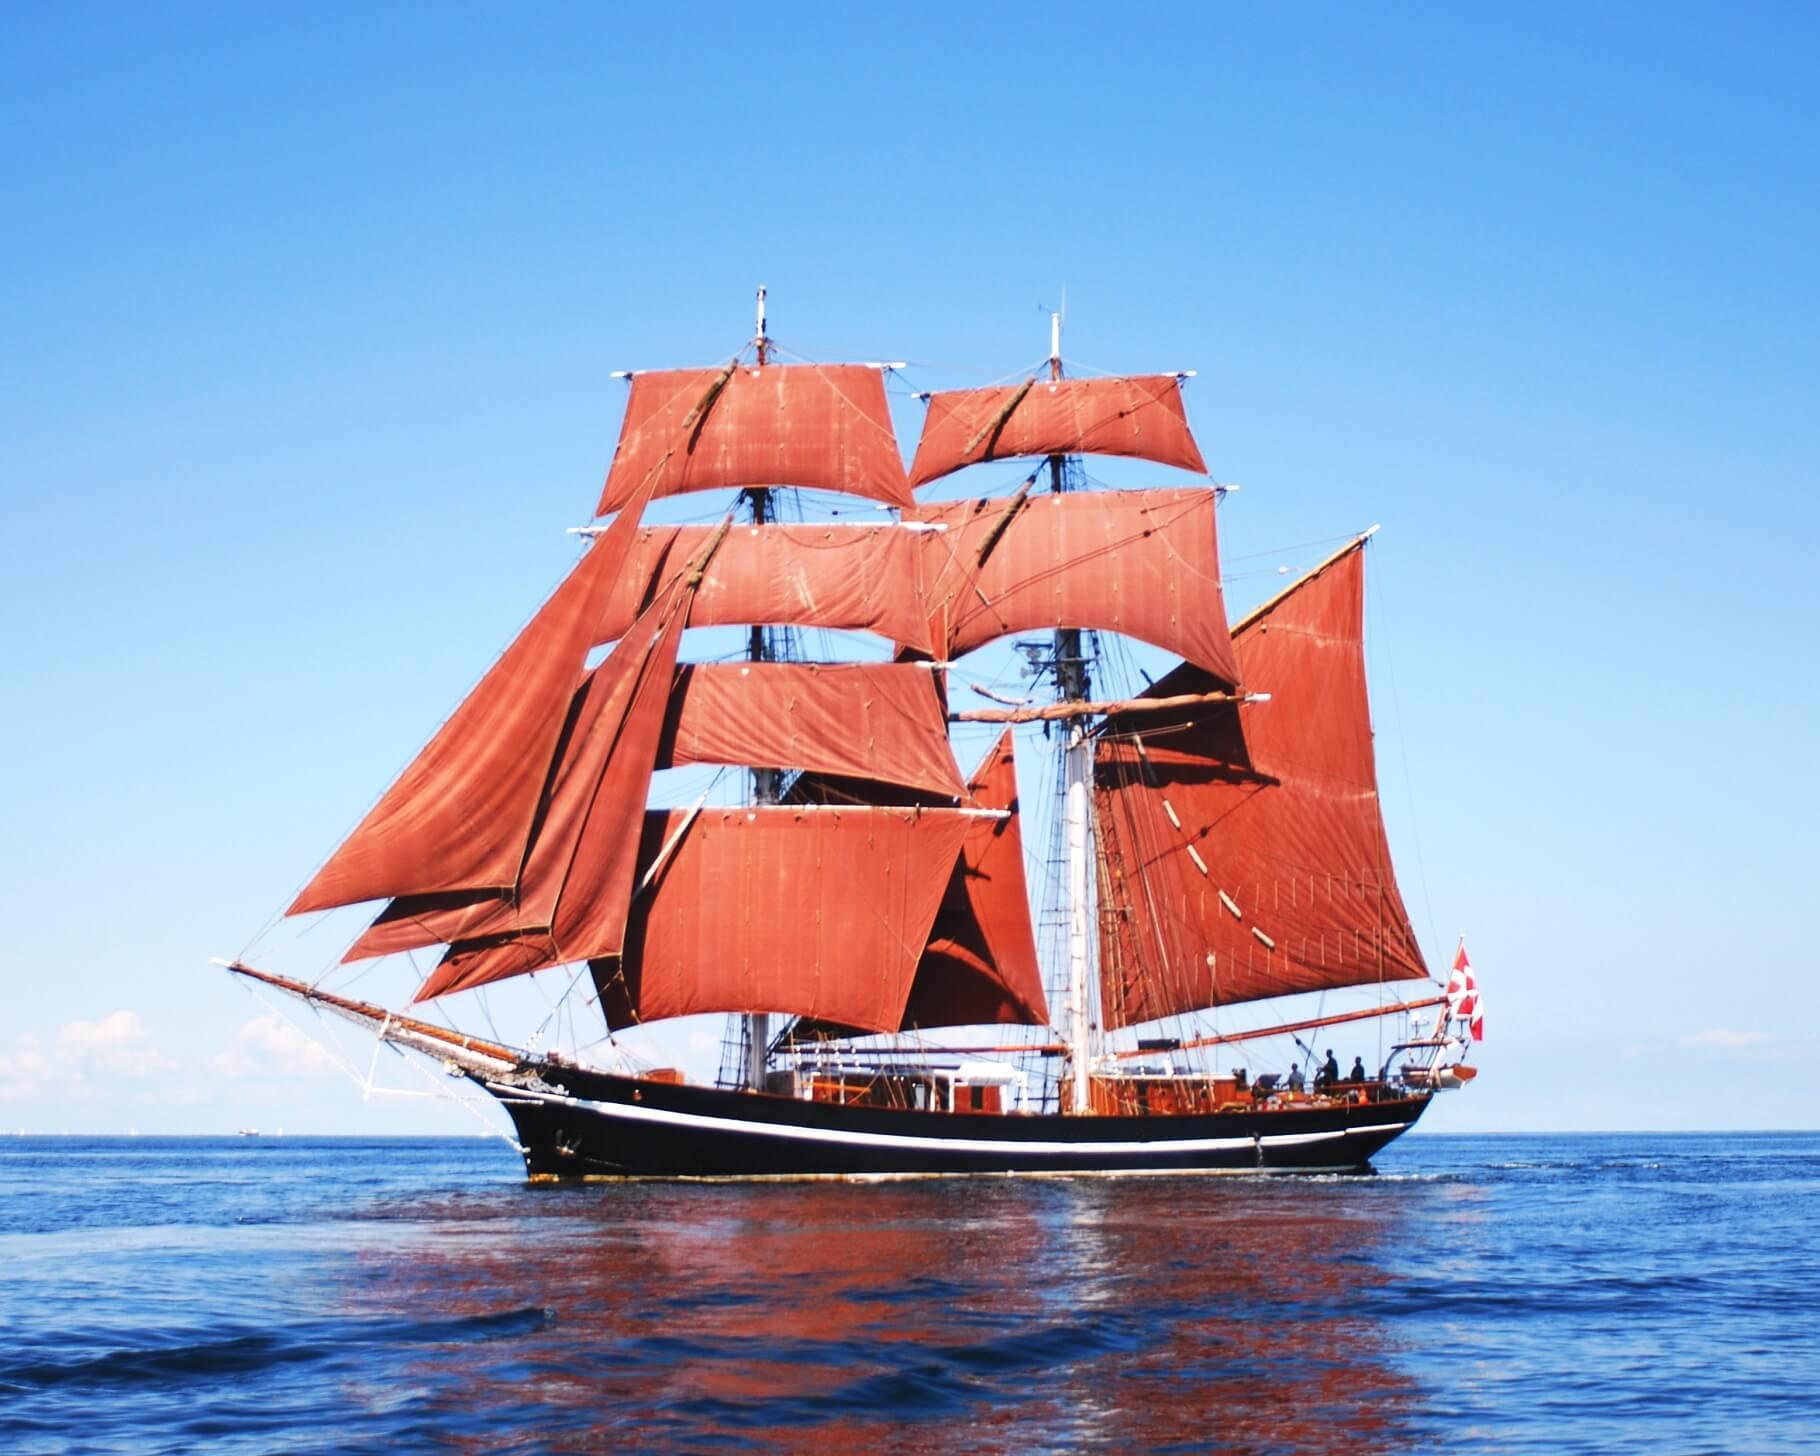 Segelschiff Eye_of_the_wind_Aussenansicht